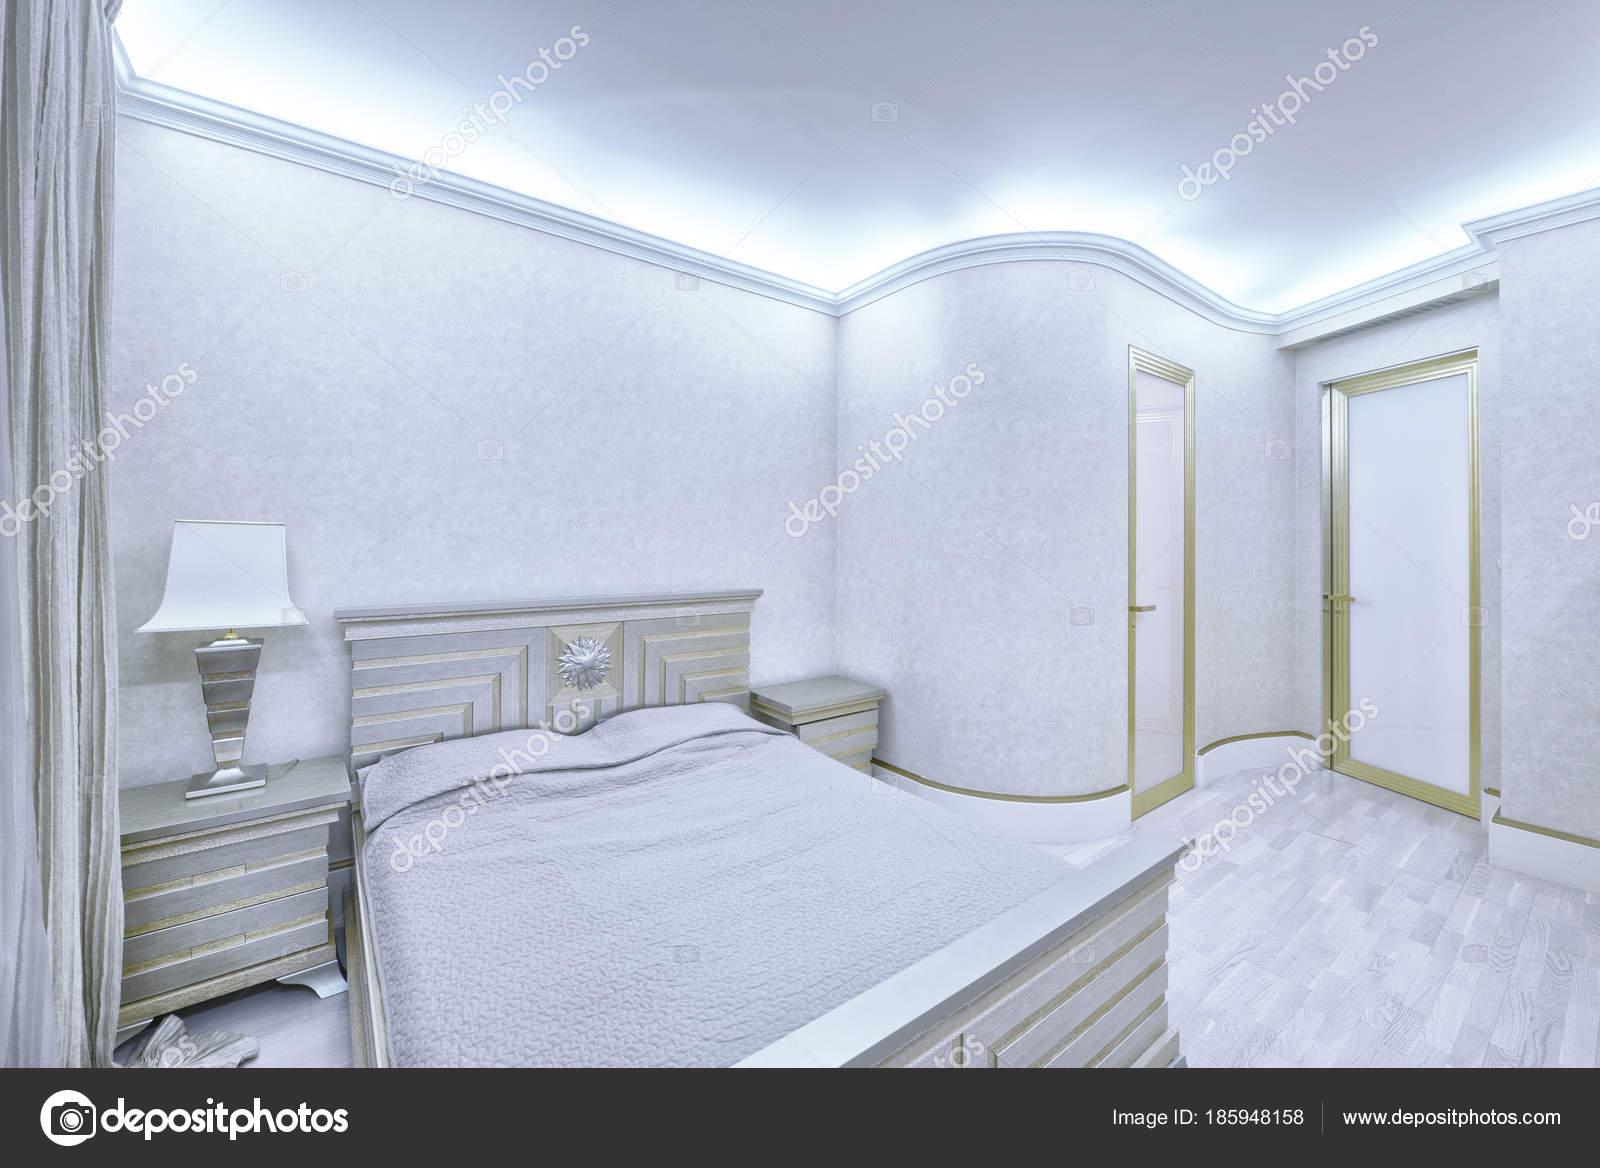 Camere Da Letto Matrimoniali Di Lusso.Russia Mosca Ristrutturazione Design Moderno Edificio Lusso